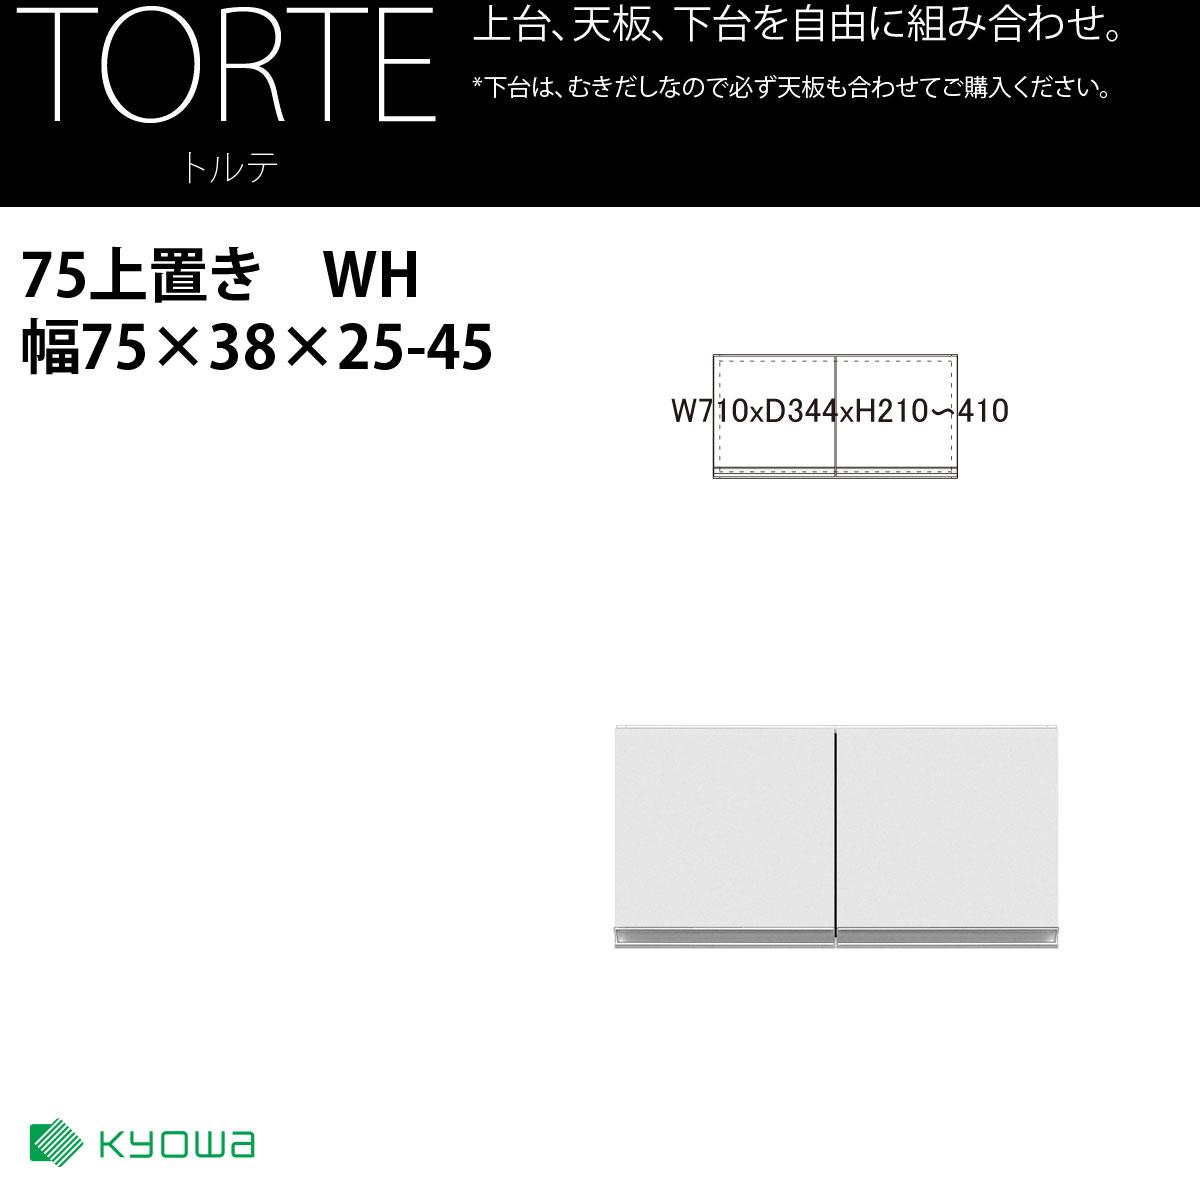 共和産業 トルテ 高さオーダー上置き 75 ホワイト【幅75×高さ25-45cm】 日本製 国産